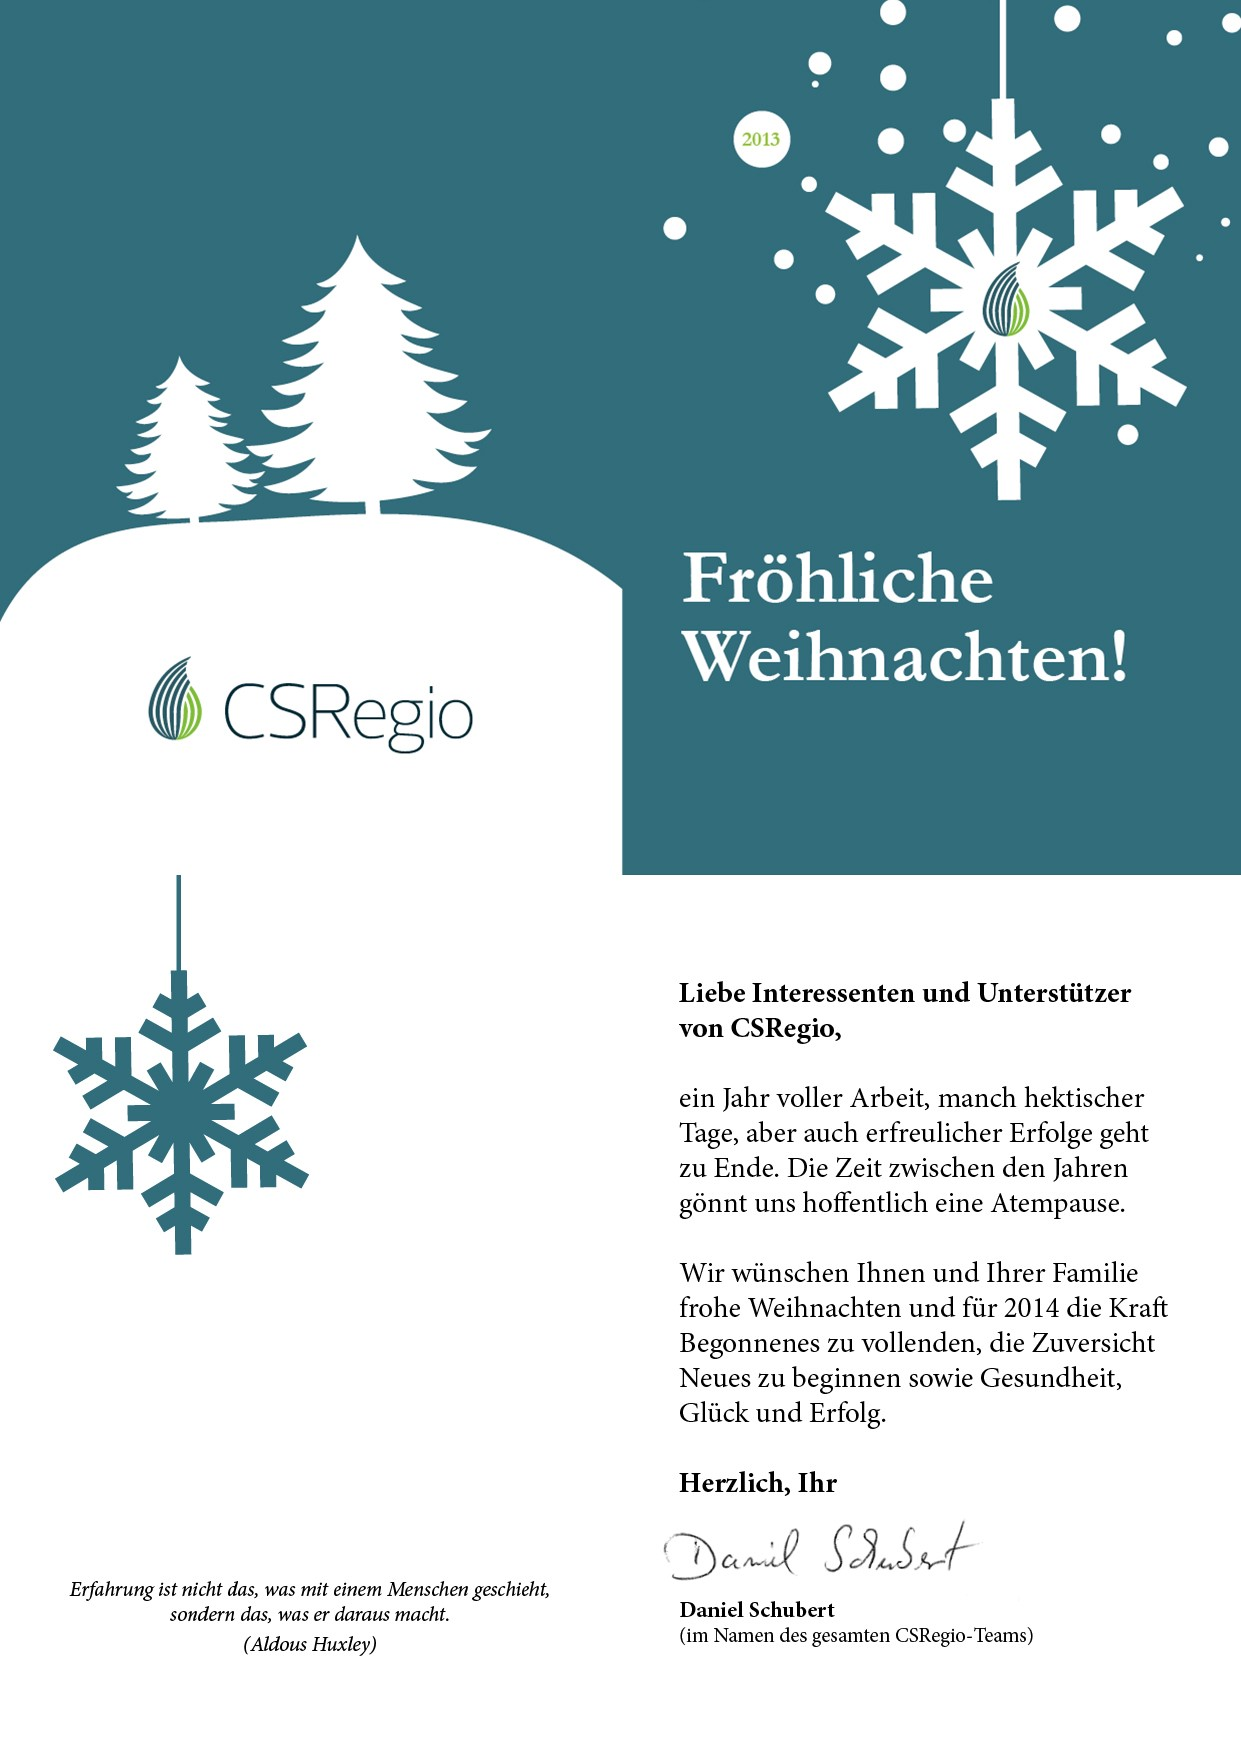 CSRegio_Weihnachtsgruß_2013